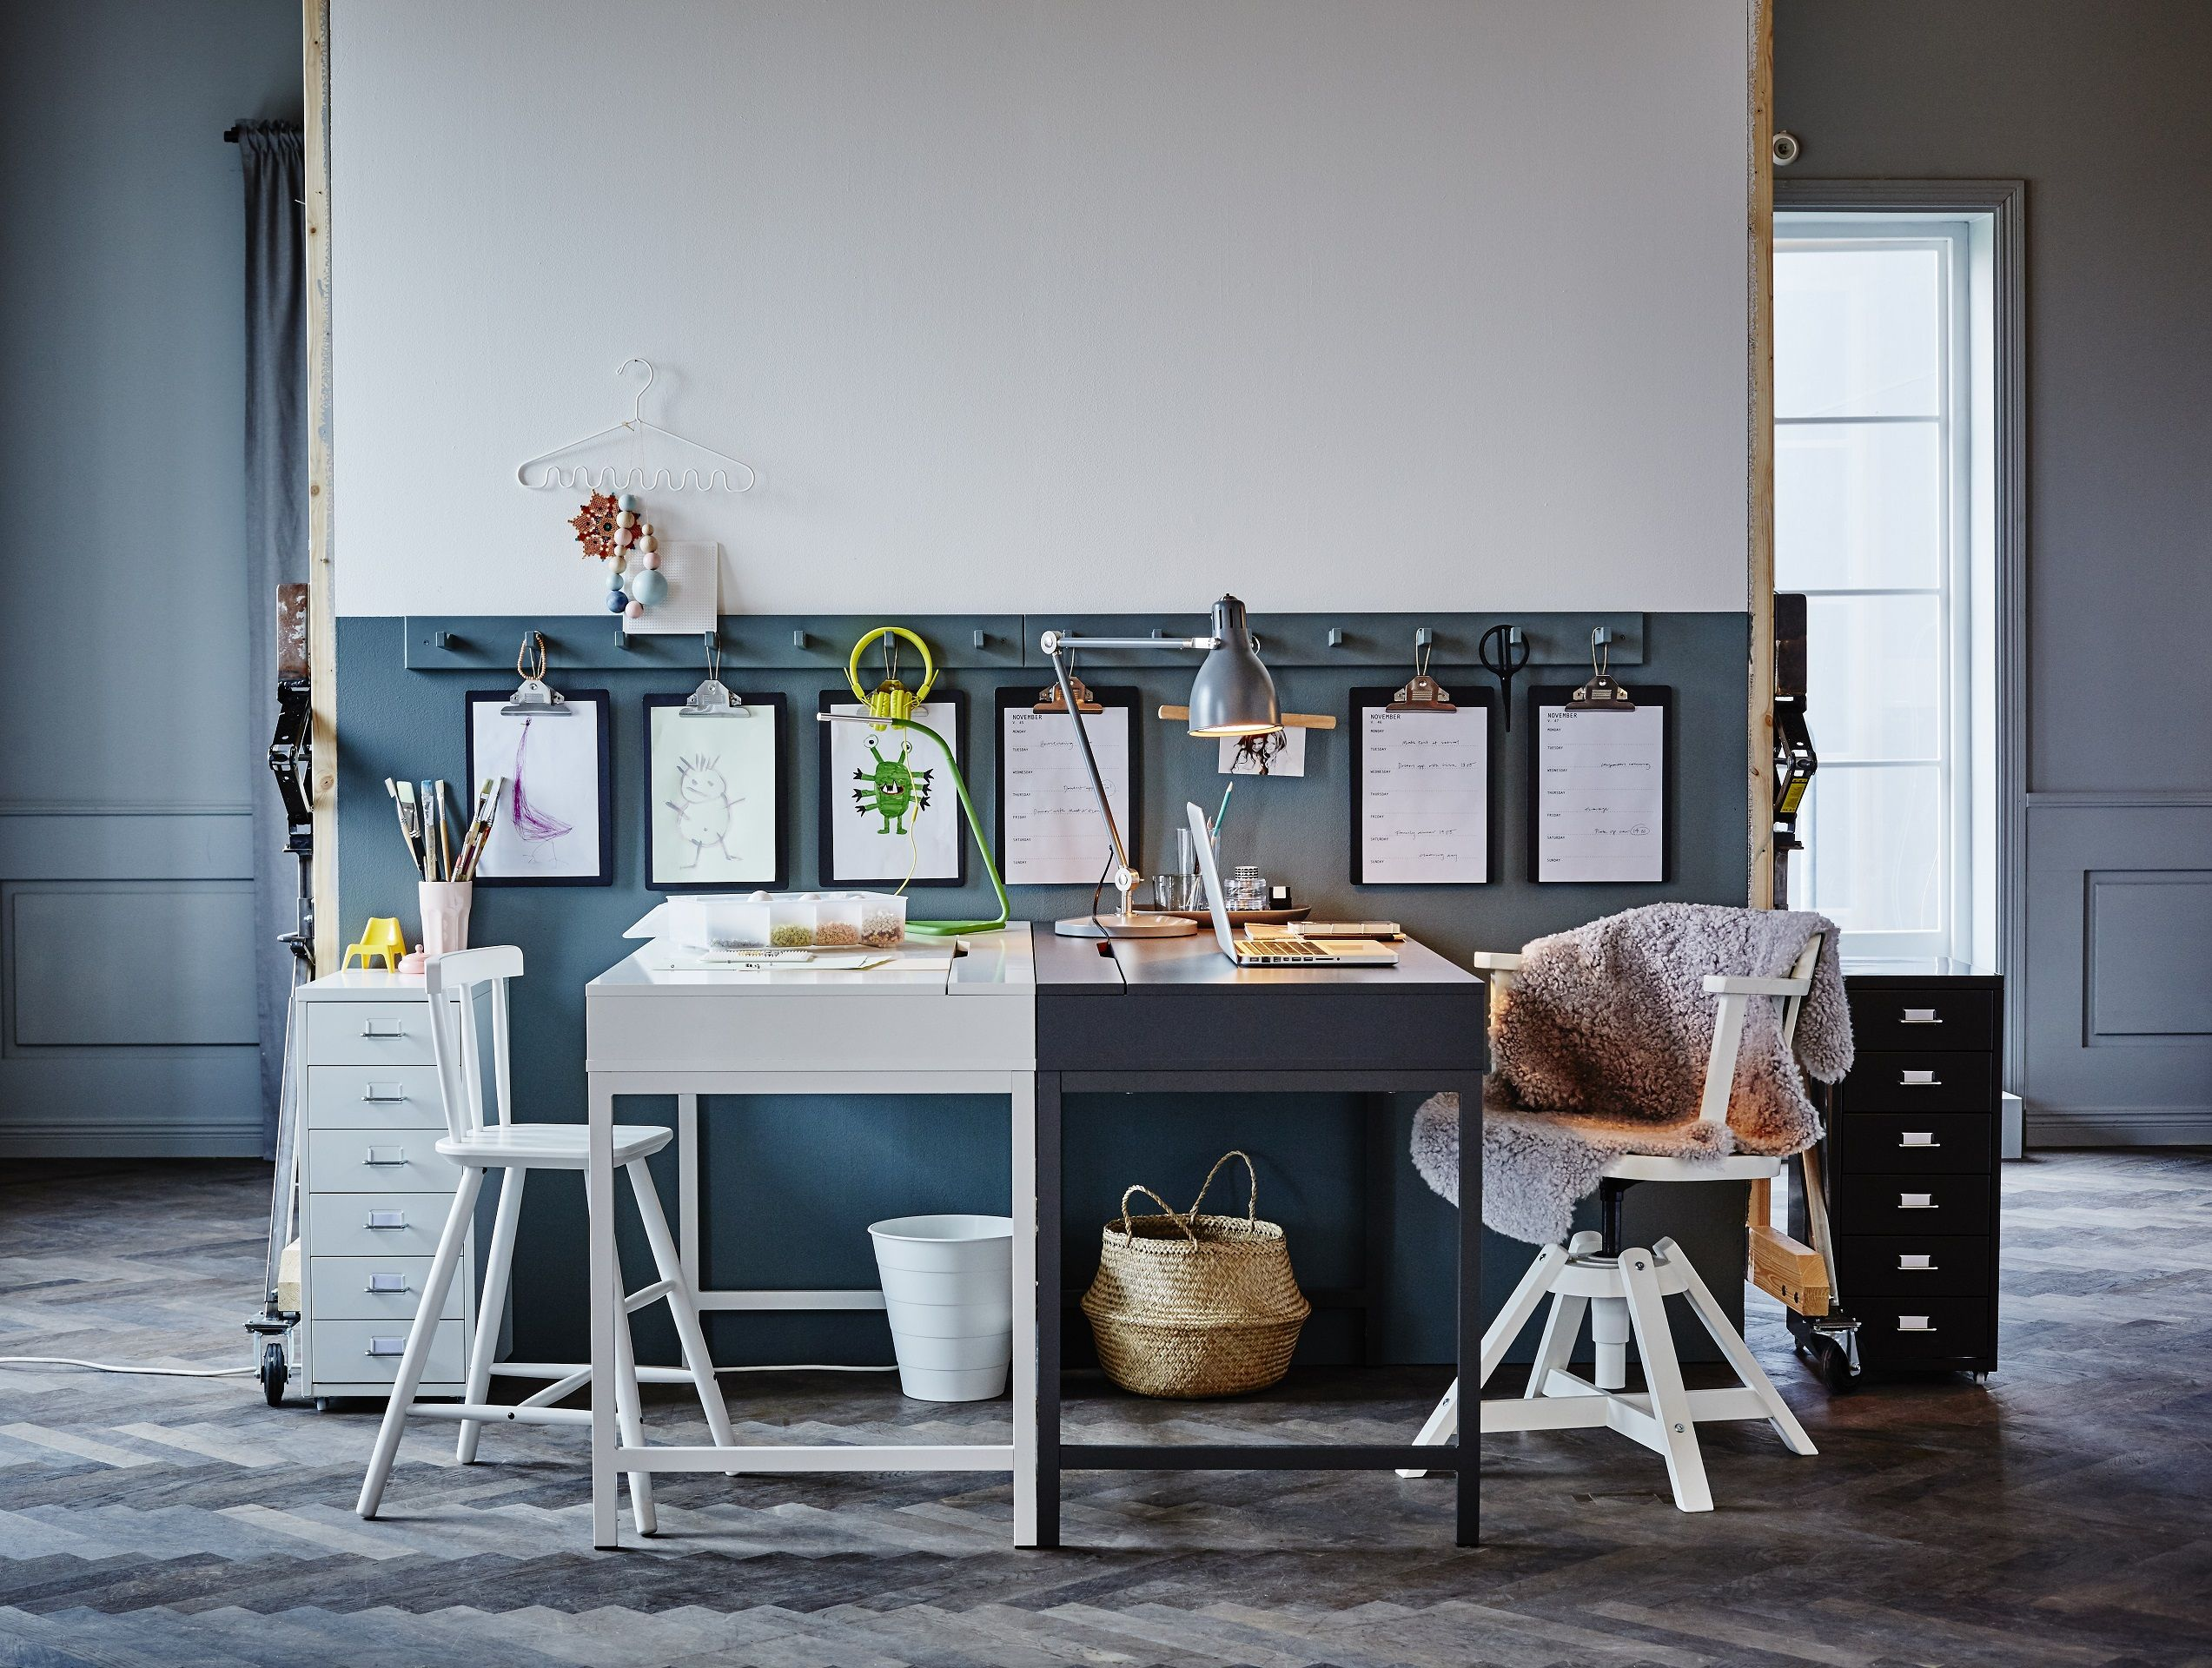 Ikea alex bureau un nouvel espace rien qu à moi le d alex